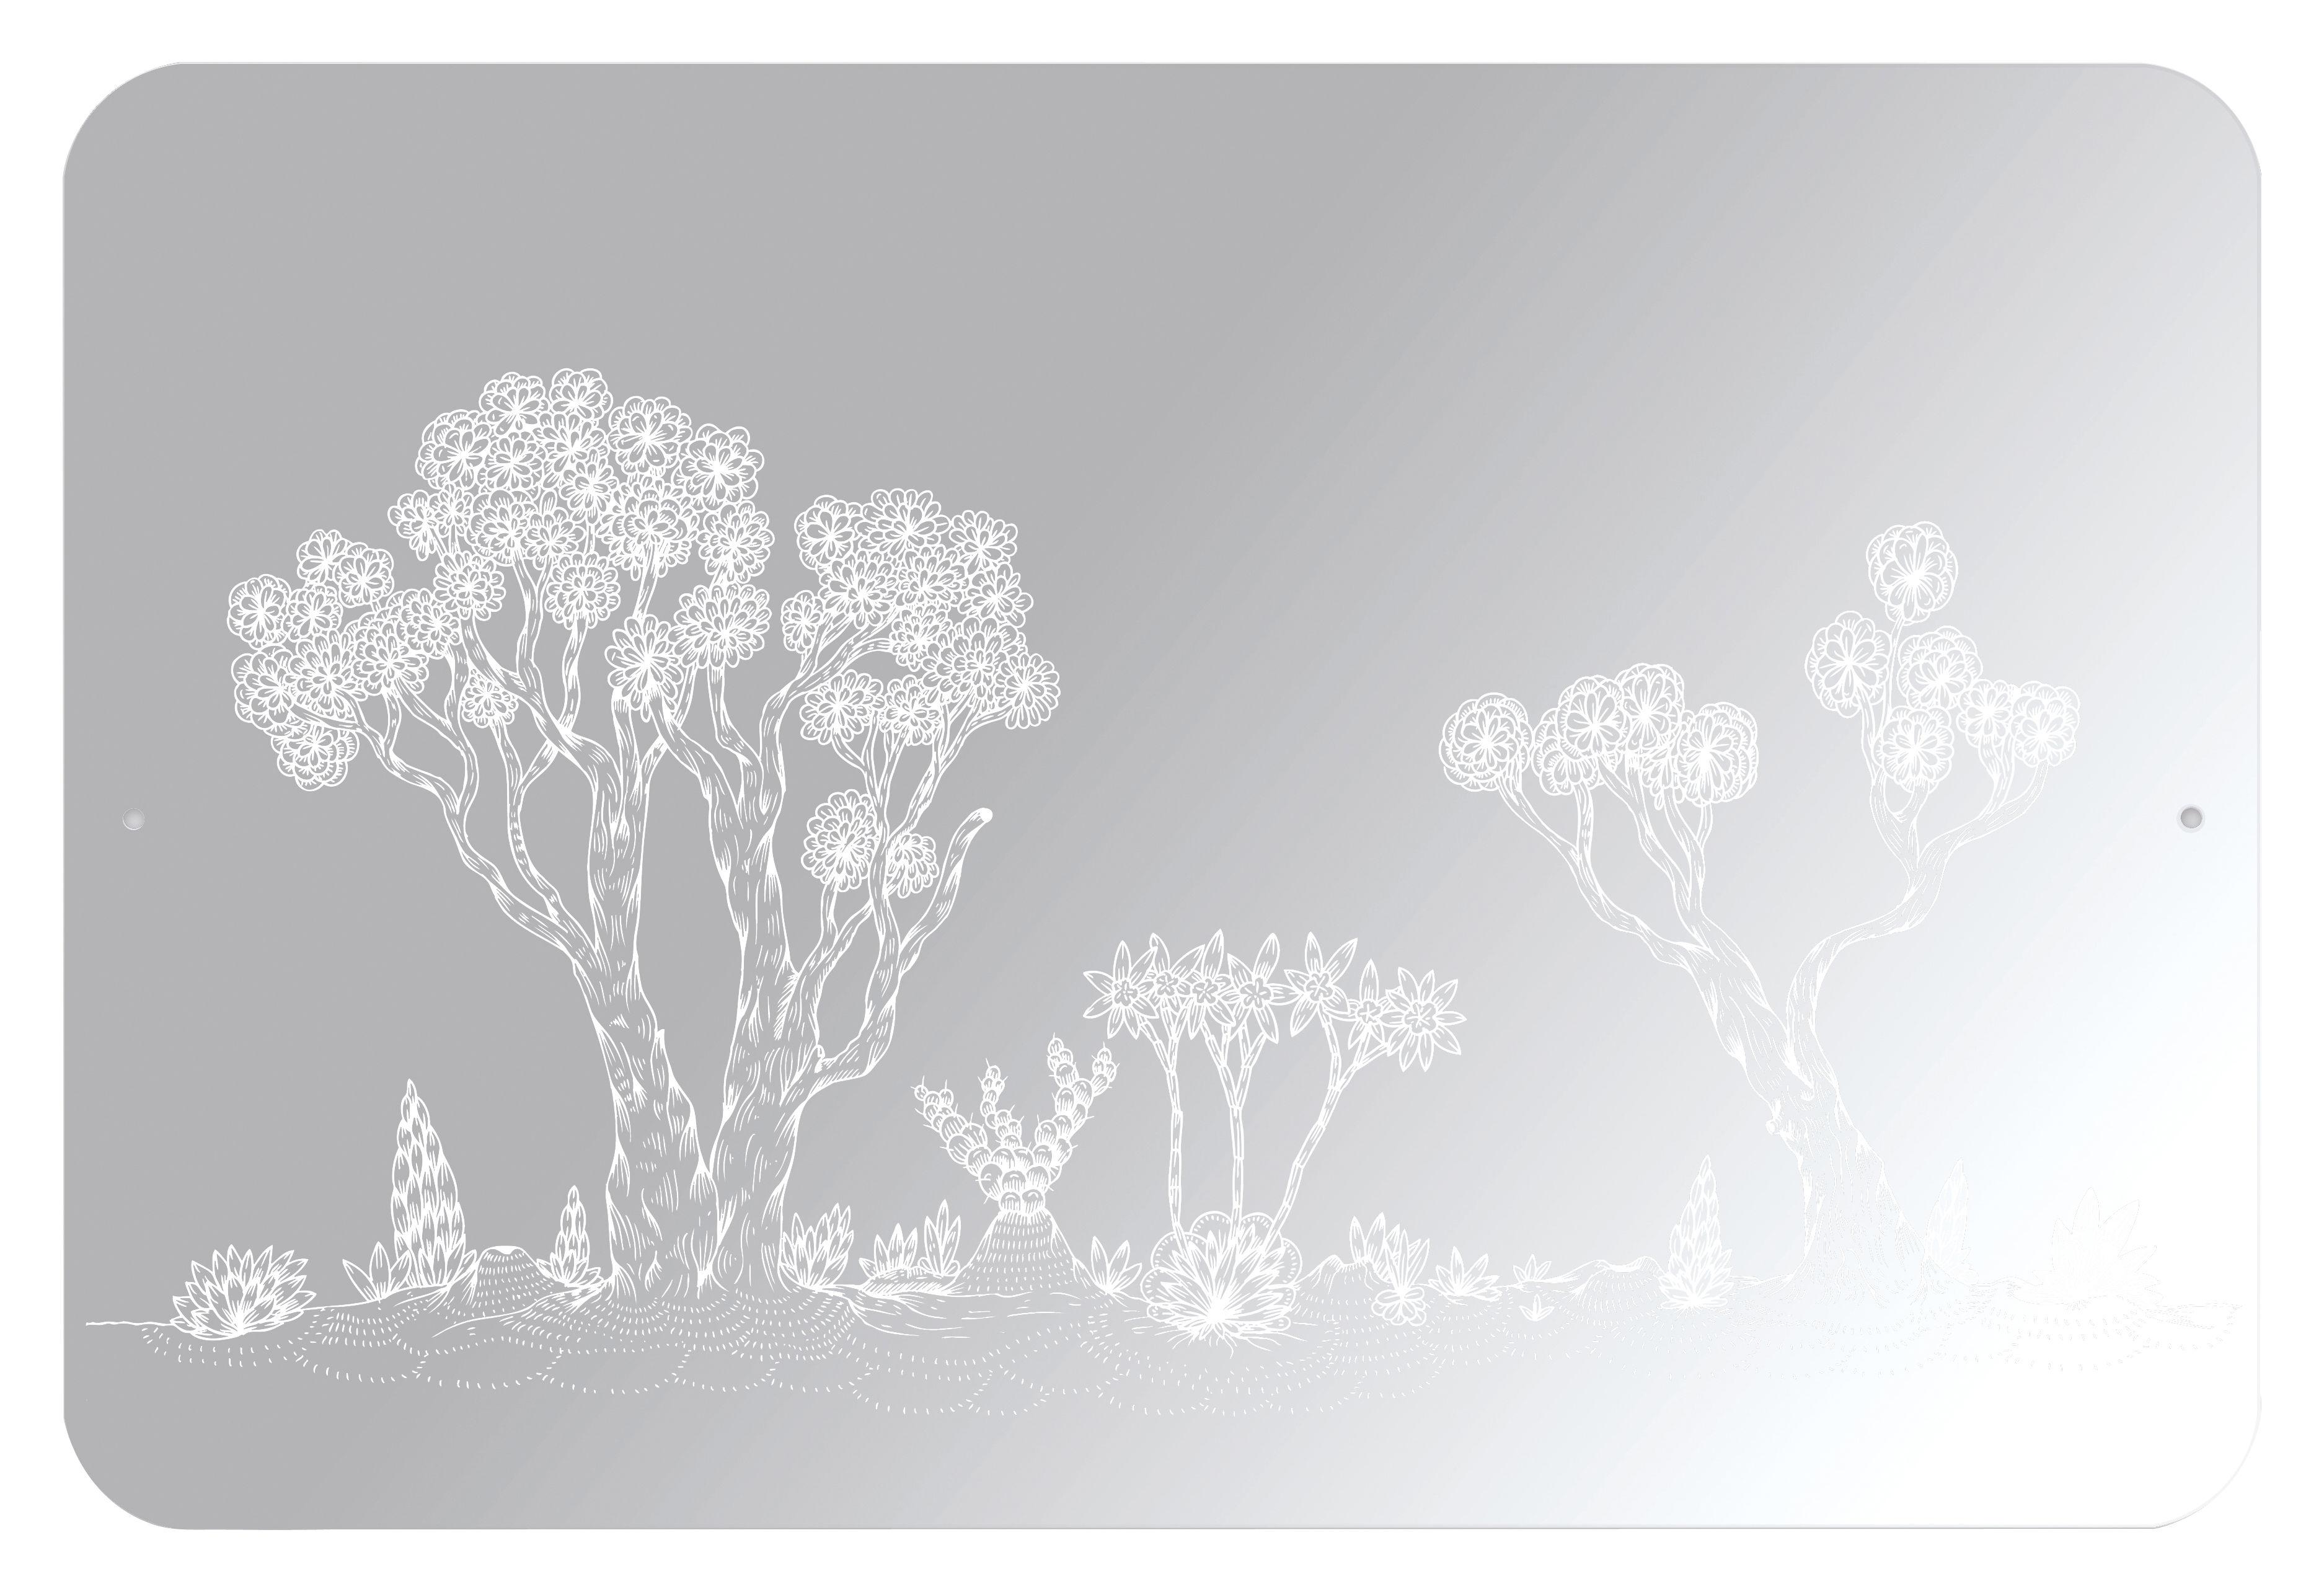 Arredamento - Specchi - Specchio autocollante Landscape - / Autoadesivo di Domestic - Motivo paesaggio - Materiale plastico